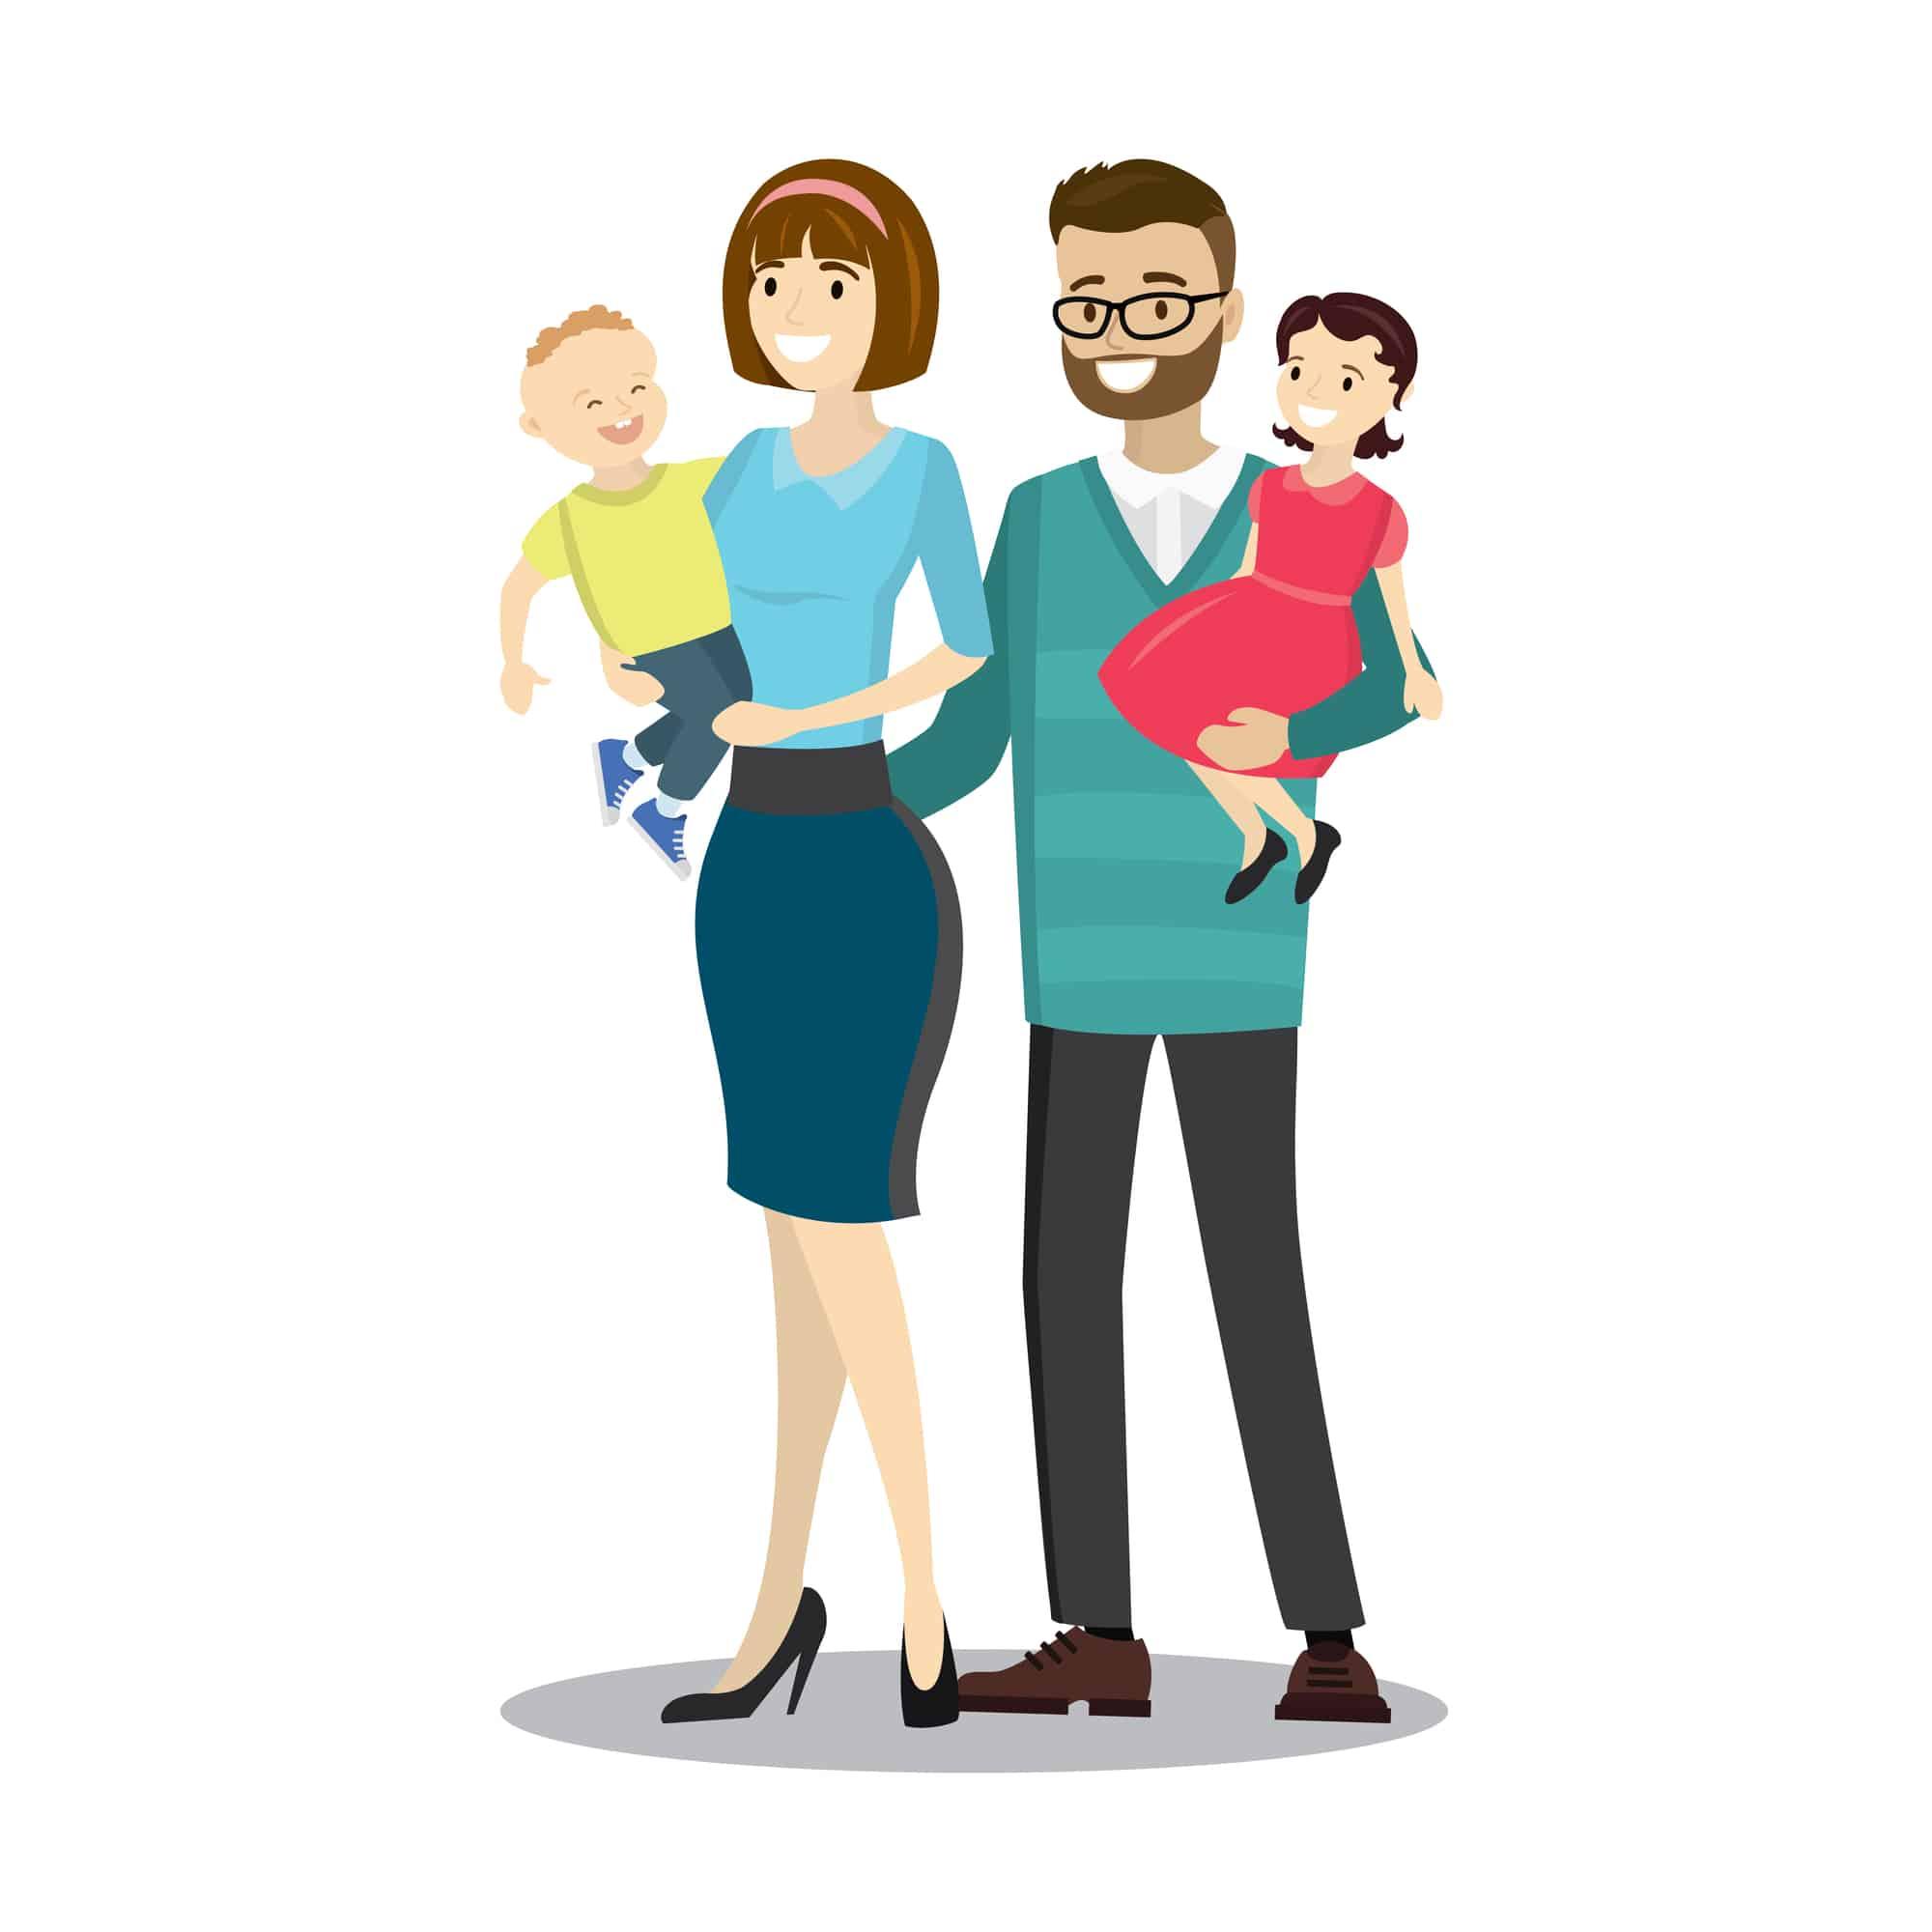 Dibujo de familia nuclear: padre, madre e hijos